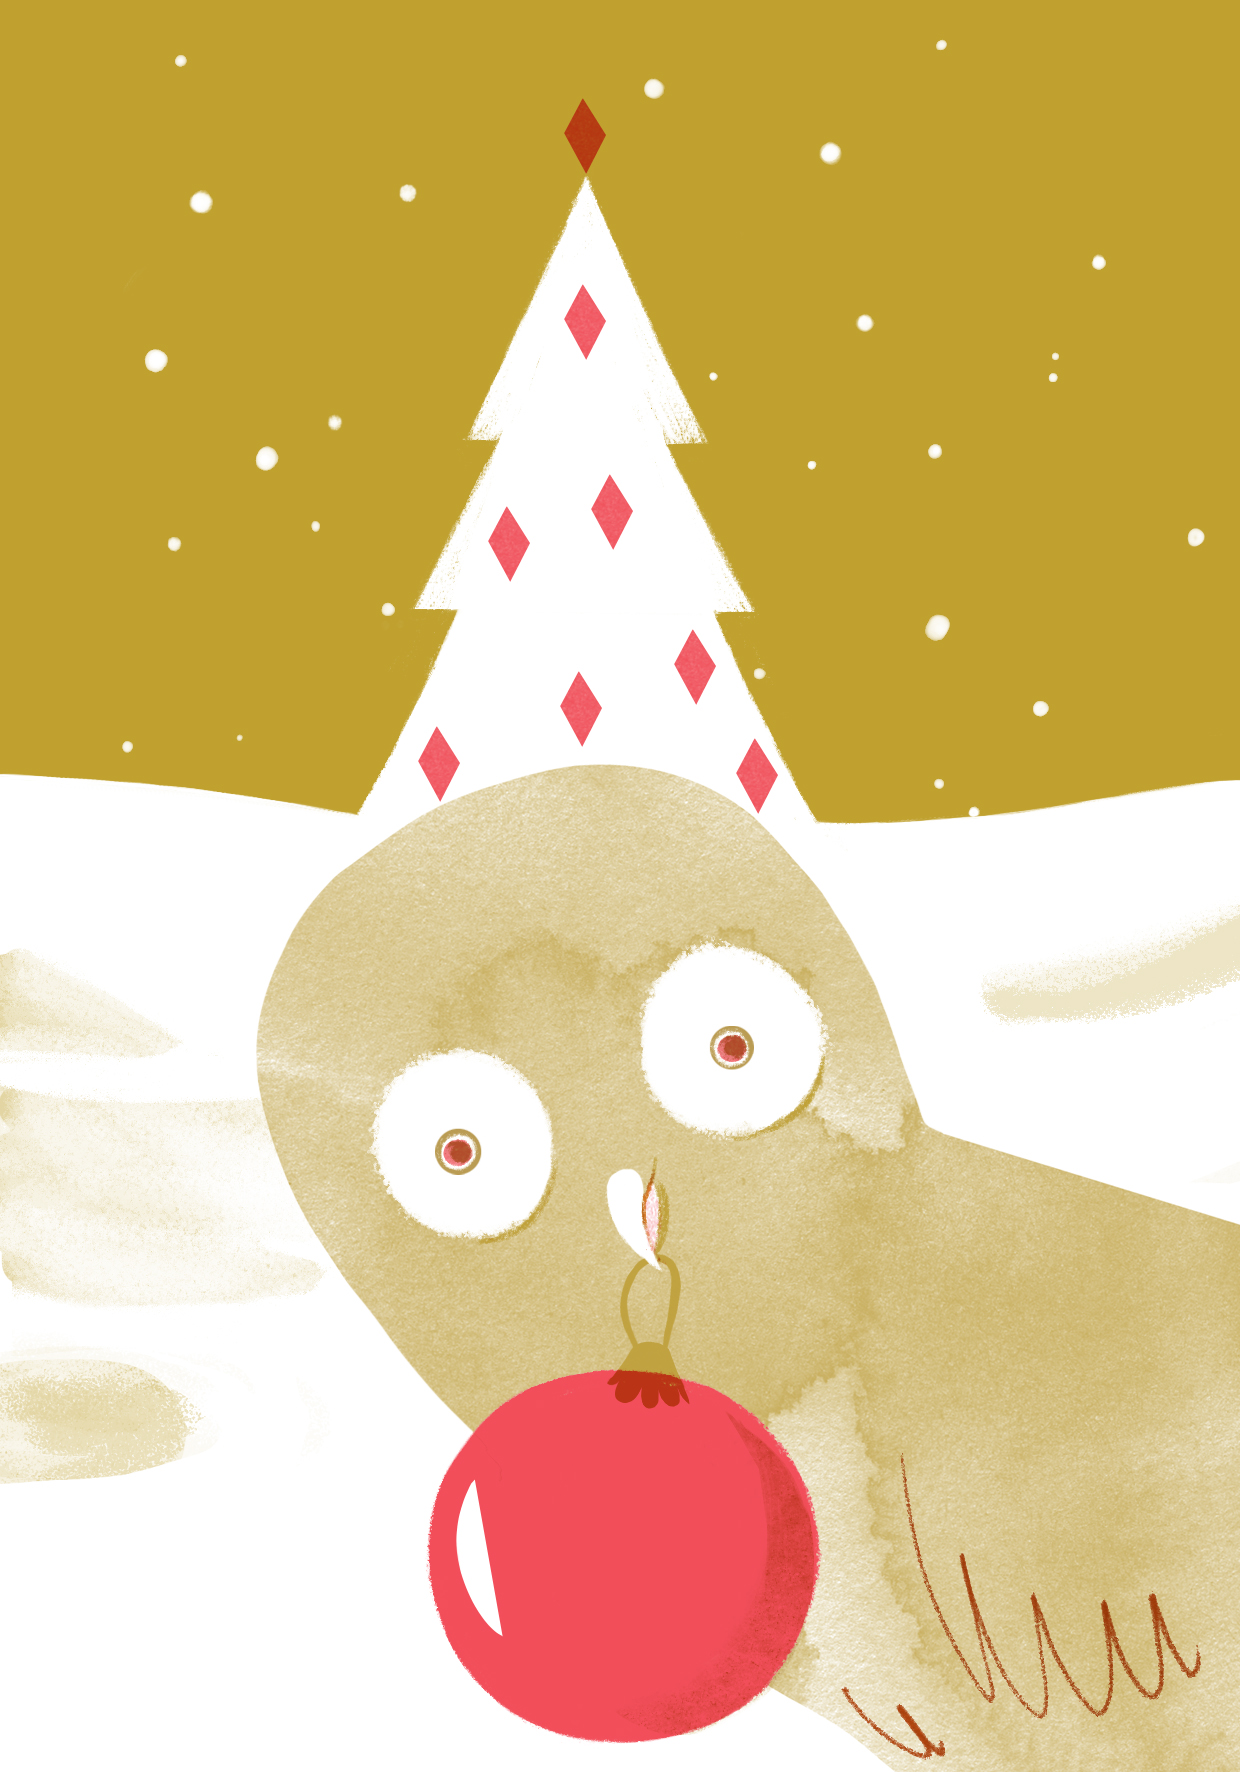 Riso Print of Christmas owl